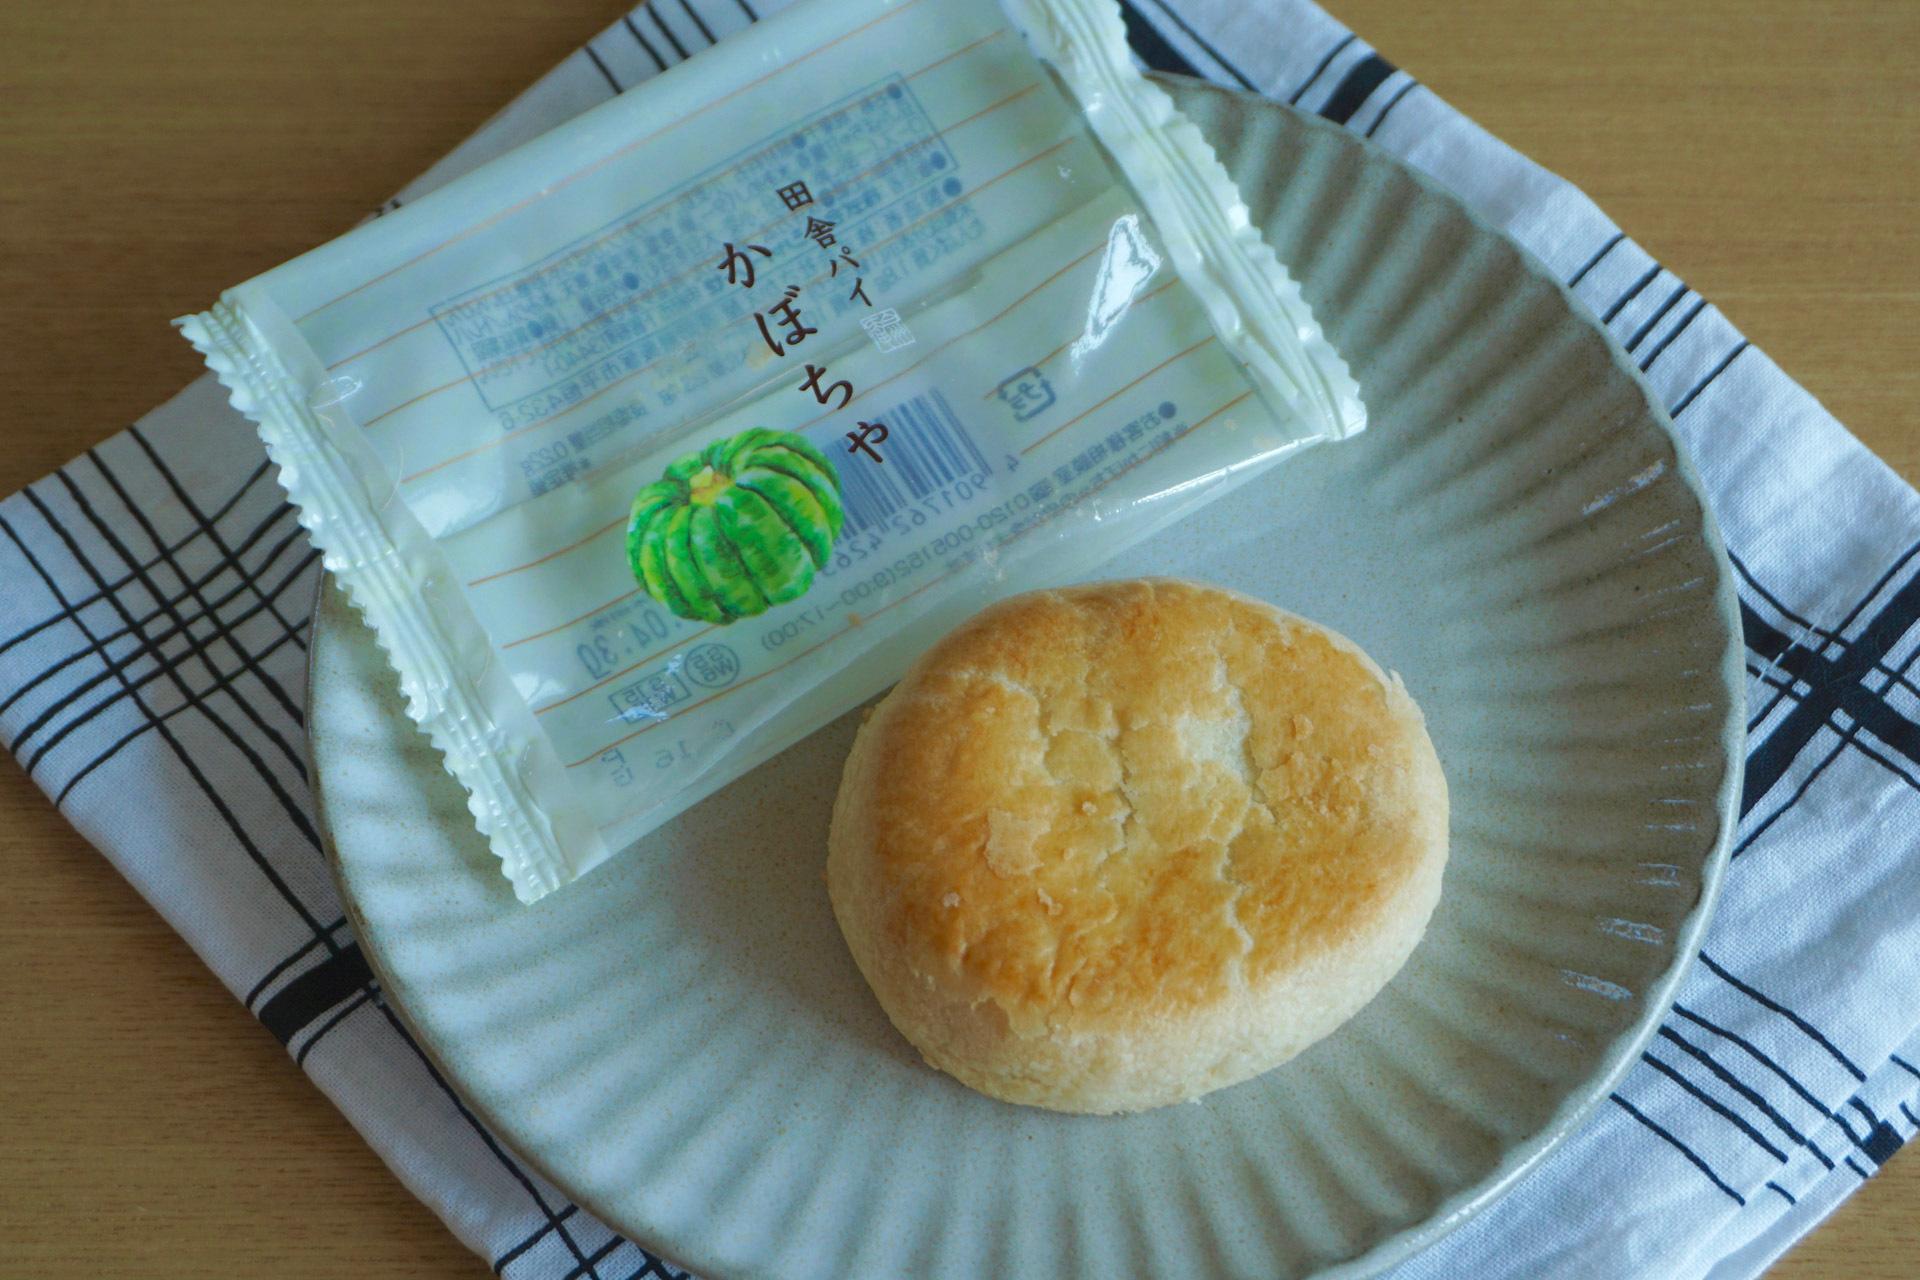 【シャトレーゼ】田舎パイ かぼちゃ